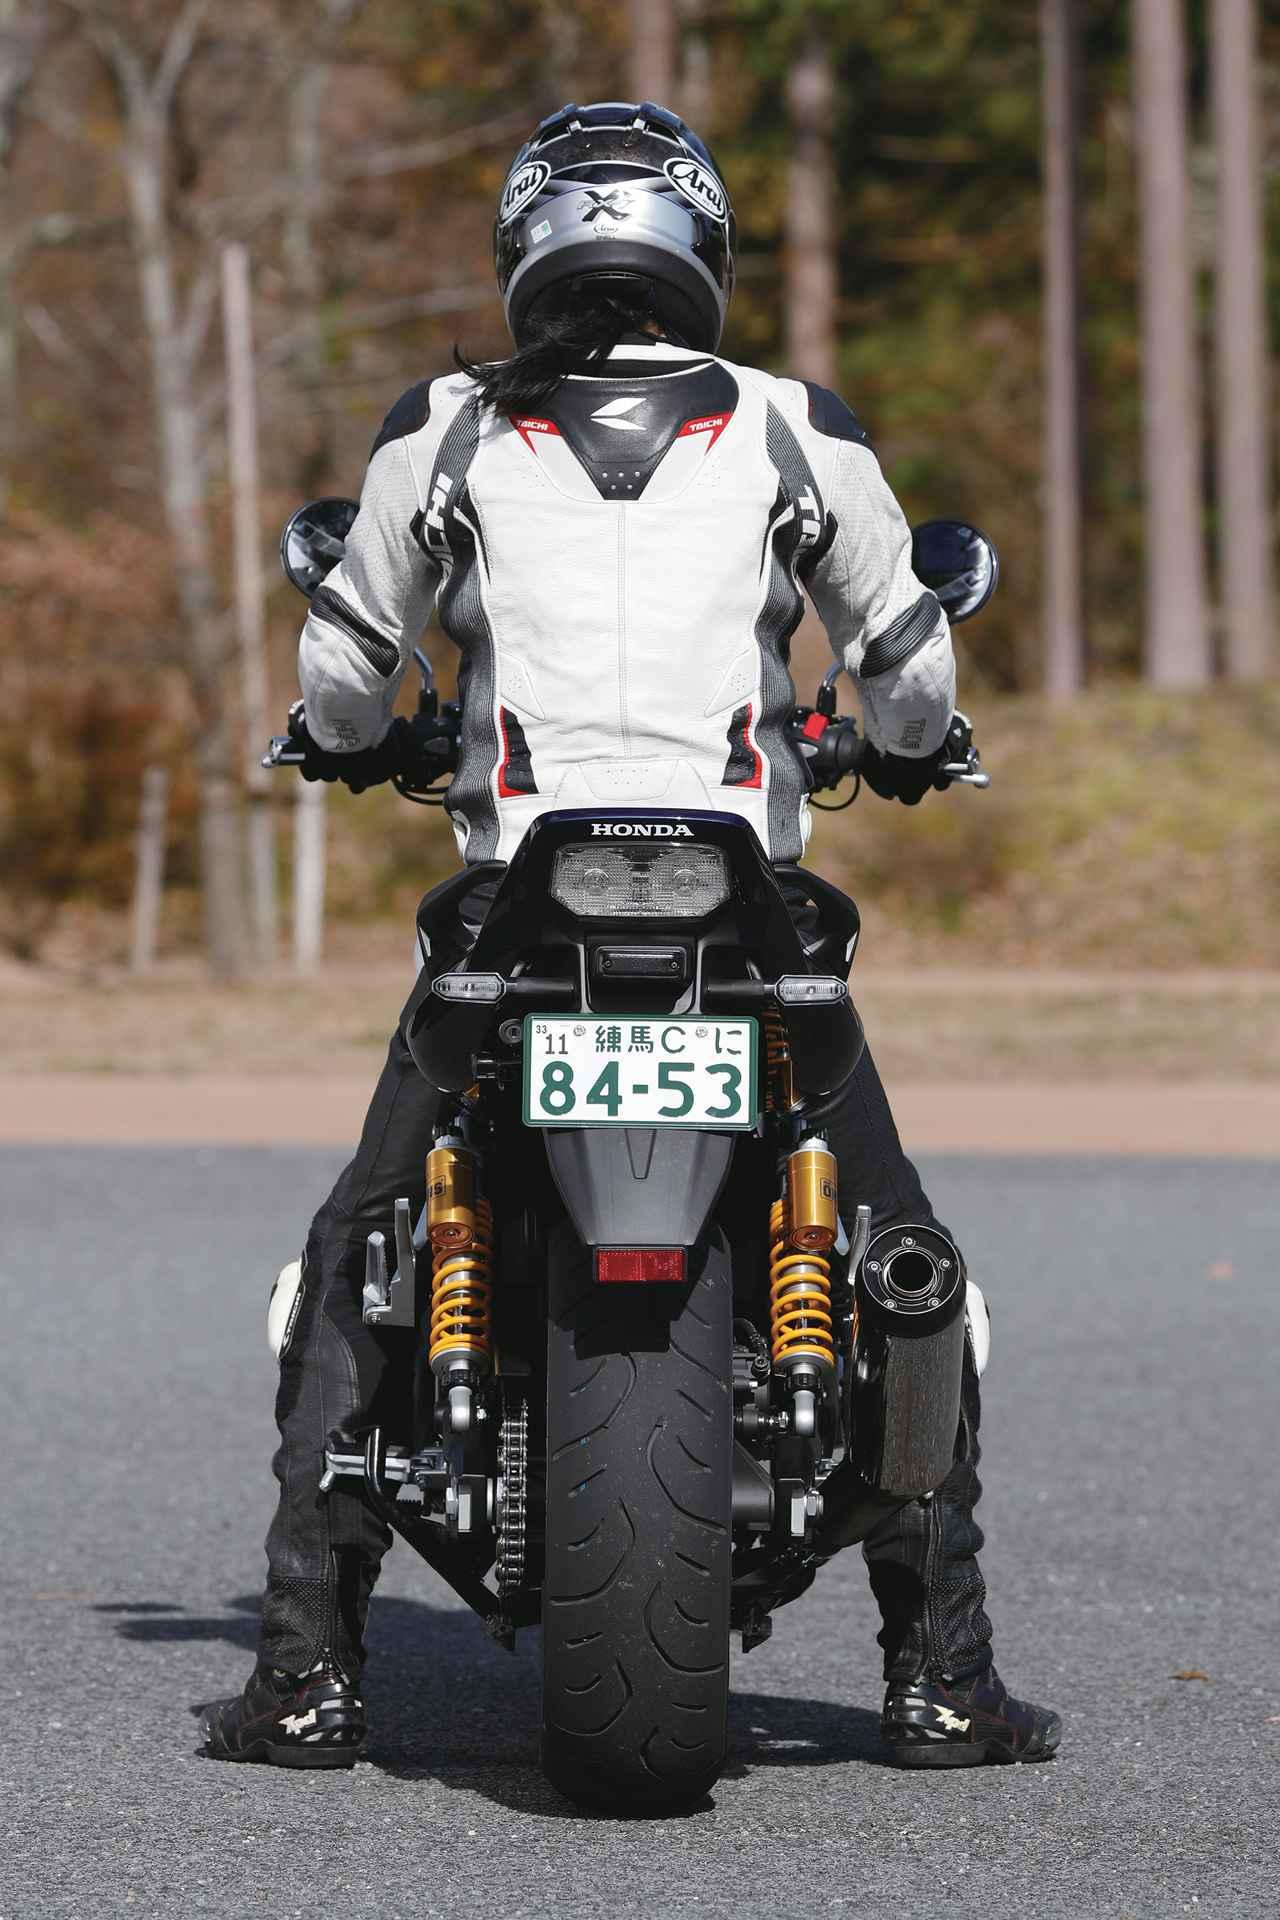 画像1: ホンダ「CB1300 SUPER FOUR」ヒストリーガイド【名車の歴史】CB1000 SUPER FOURから始まったプロジェクトBIG-1の系譜